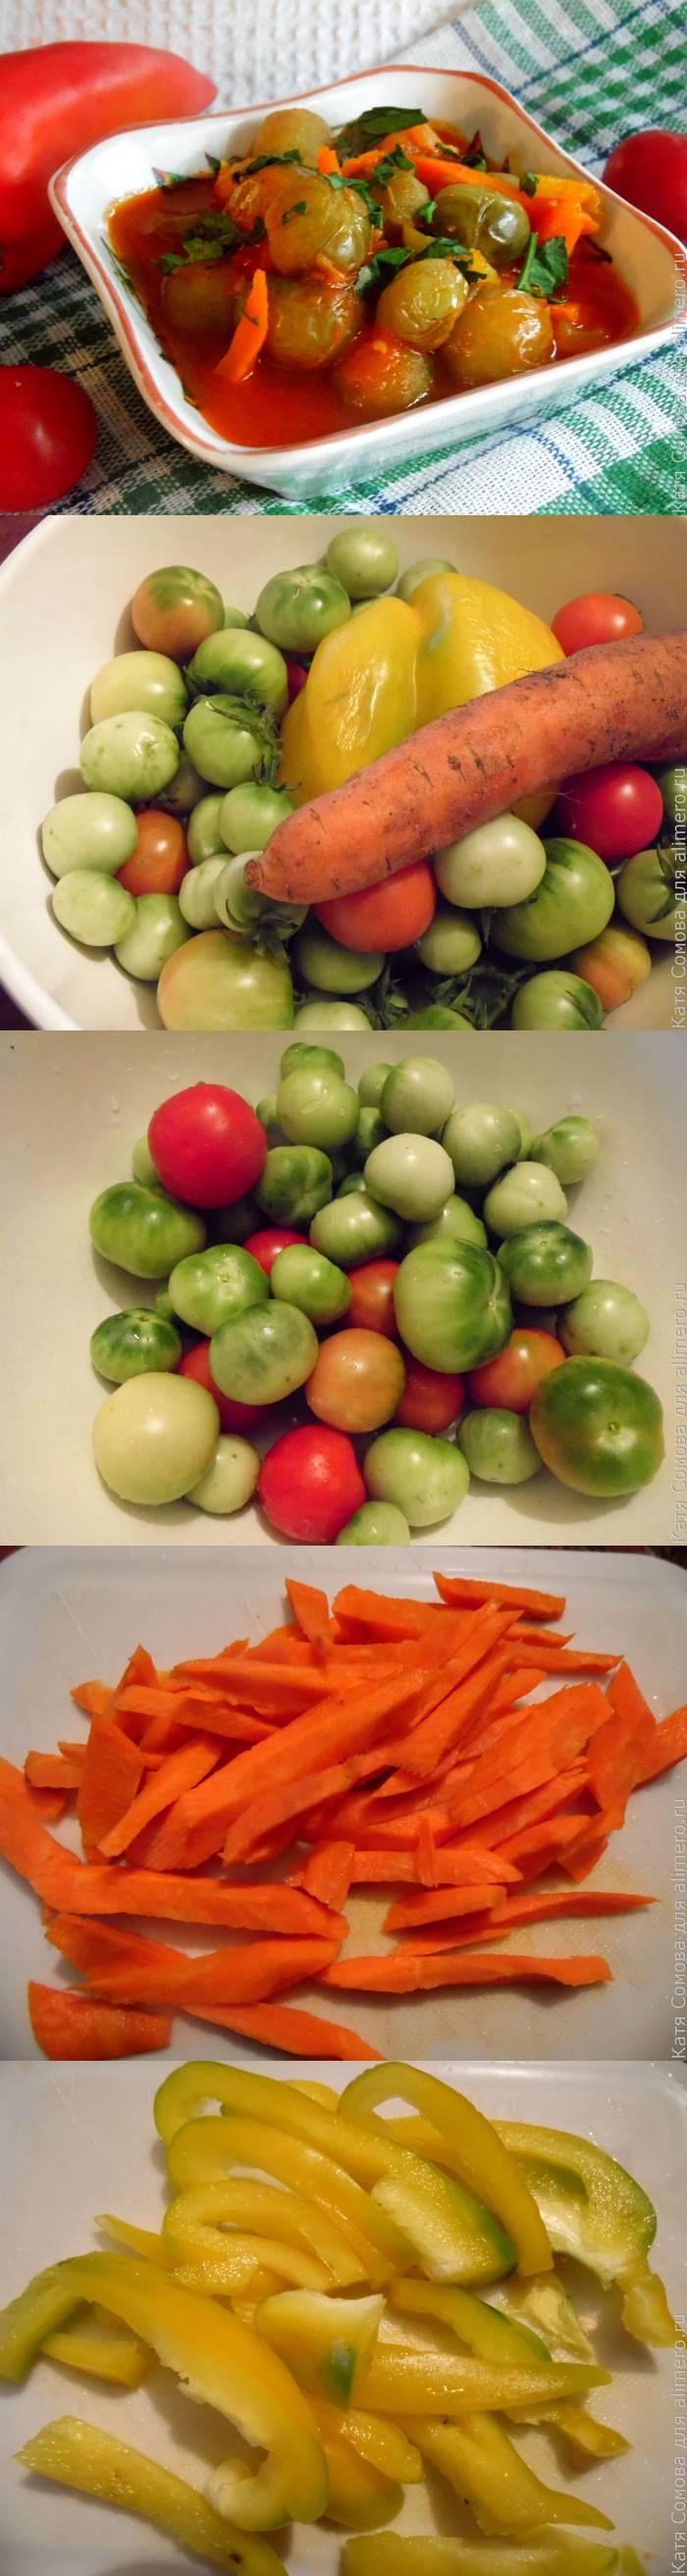 Зеленые помидоры в томатном соусе